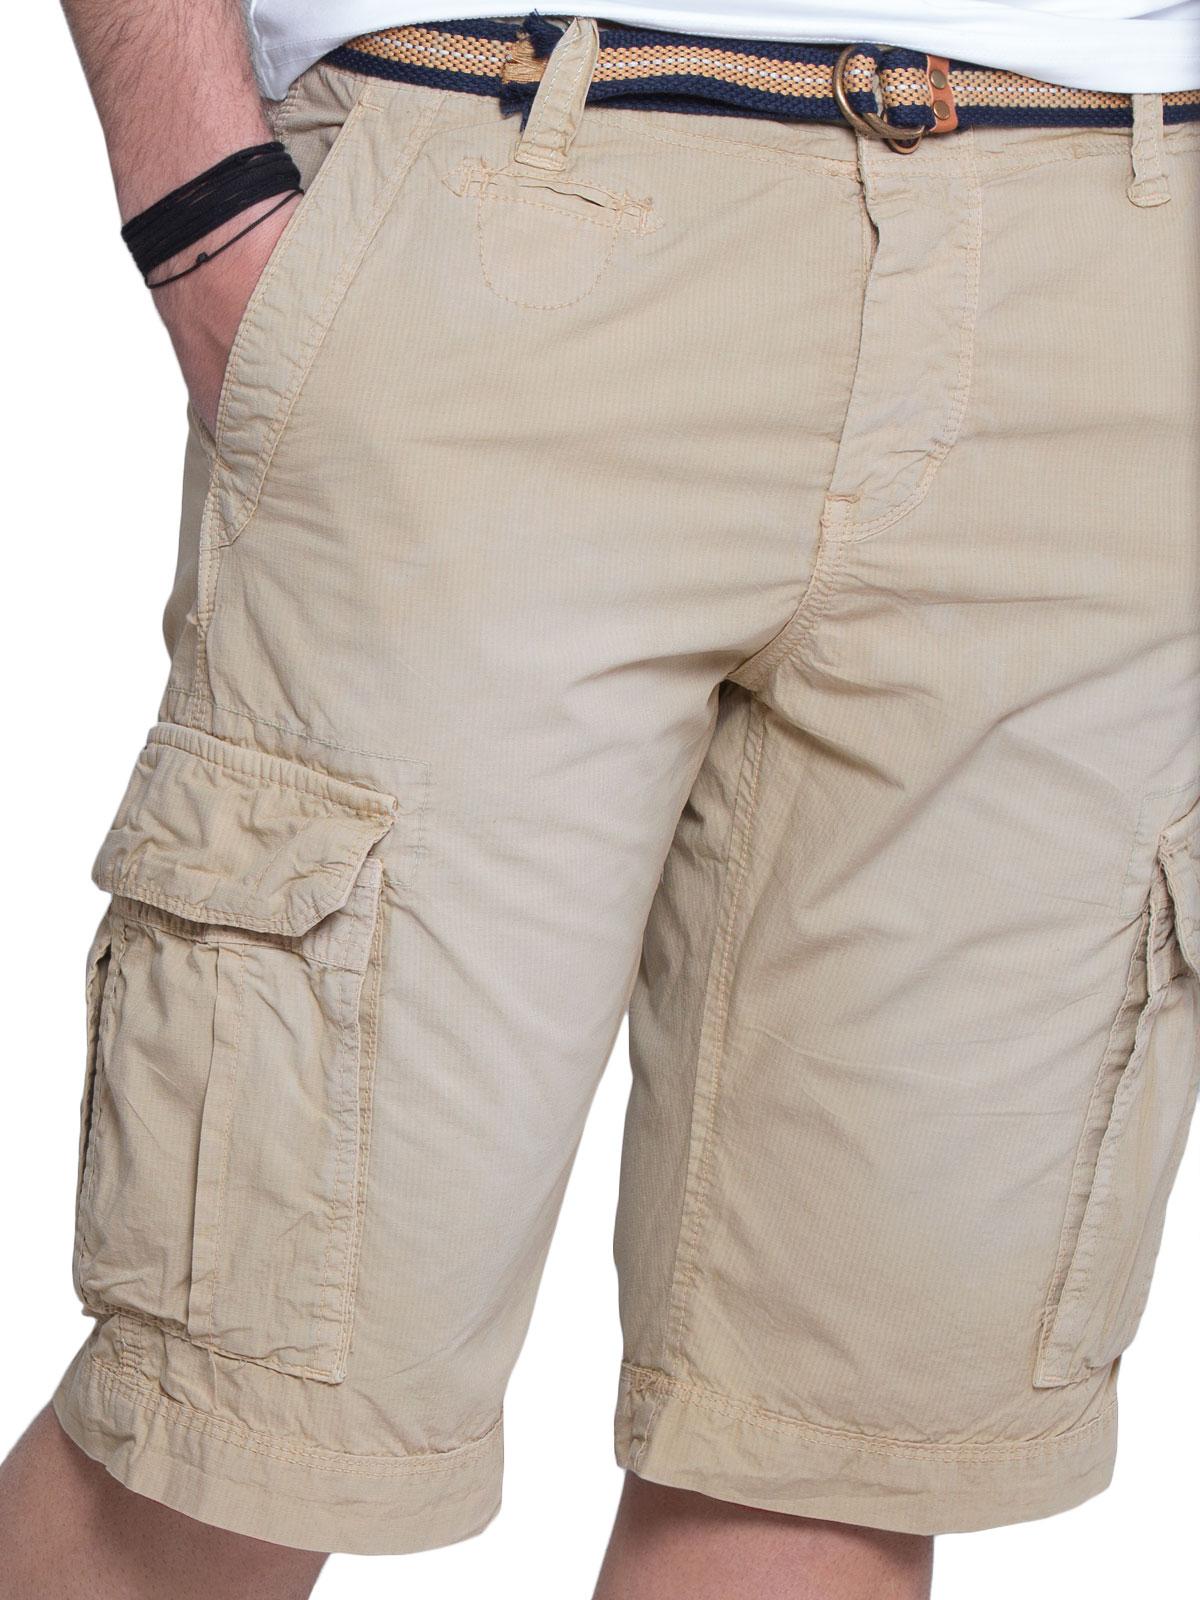 Ανδρική Βερμούδα Cargo με Ζώνη - Slim Fit ανδρικά   παντελόνια   βερμούδες ανδρικές